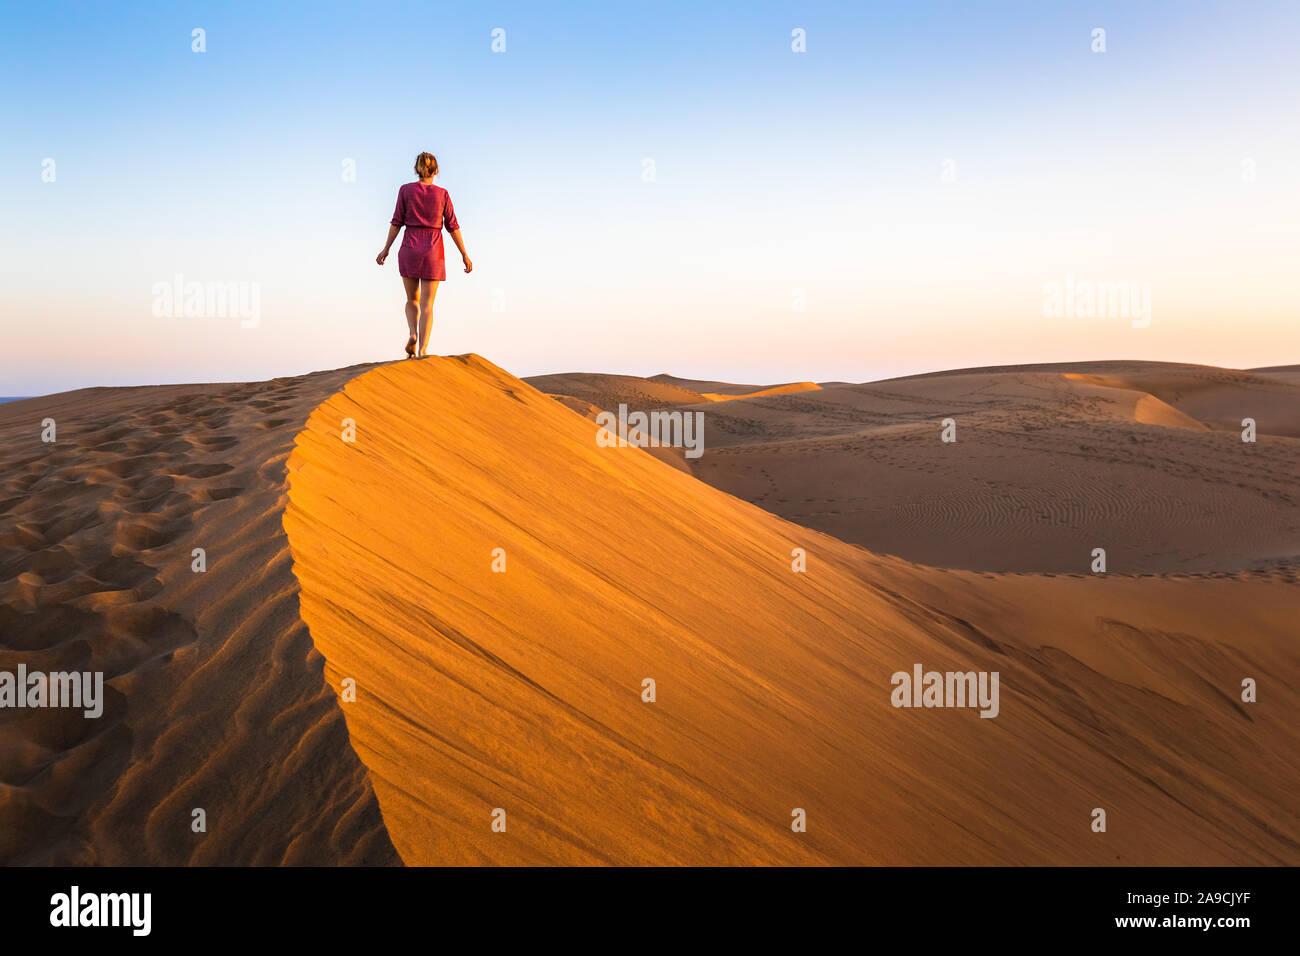 Mädchen gehen auf Sanddünen in dürren Wüste bei Sonnenuntergang und das Tragen von Kleidung, die malerische Landschaft der Sahara oder Naher Osten Stockfoto